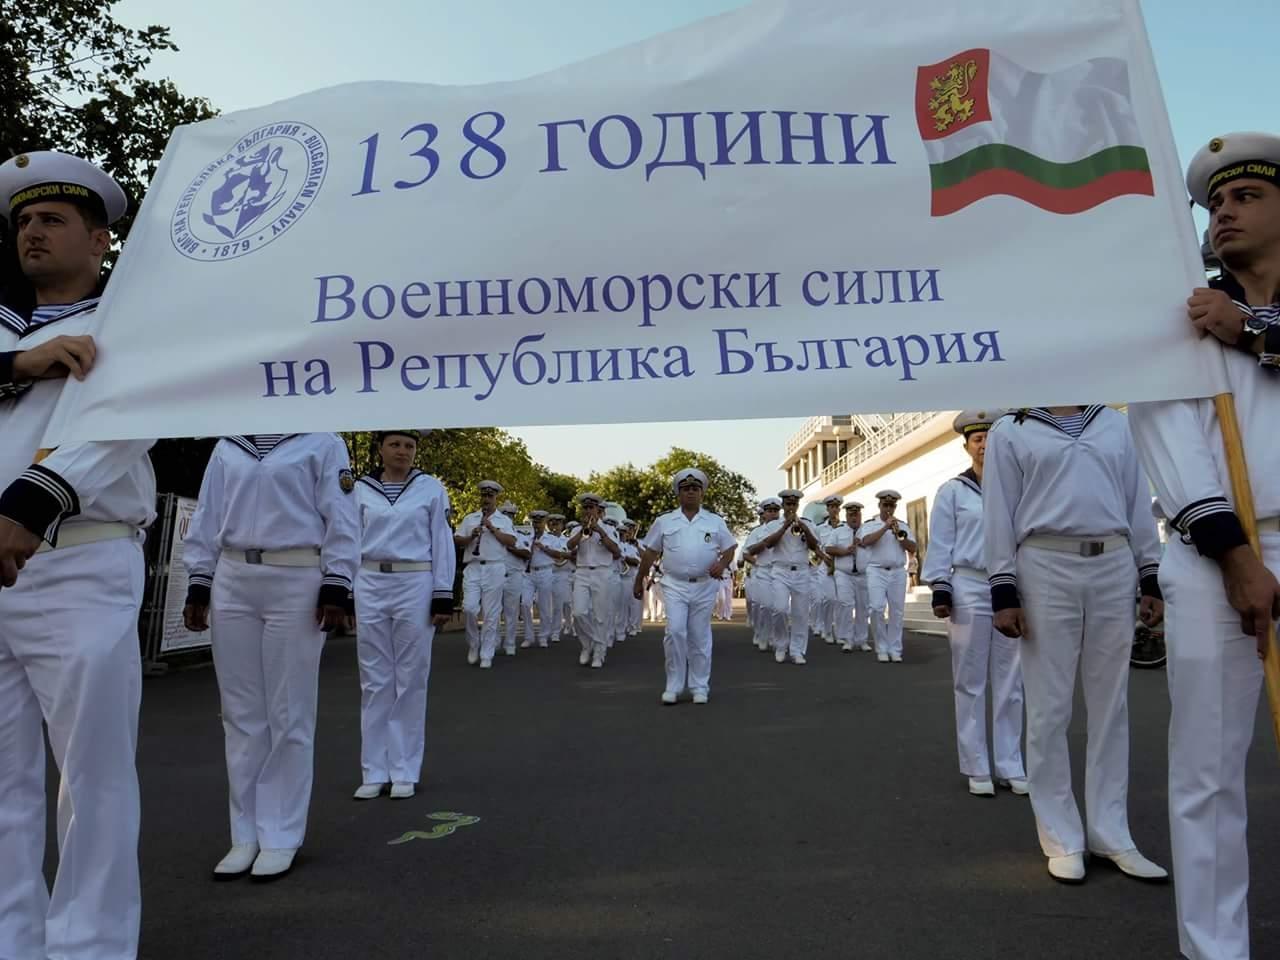 Тържествени мероприятия по случай Празника на Военноморските сили в Бургас, 9 август 2017 (ФОТО ГАЛЕРИЯ)